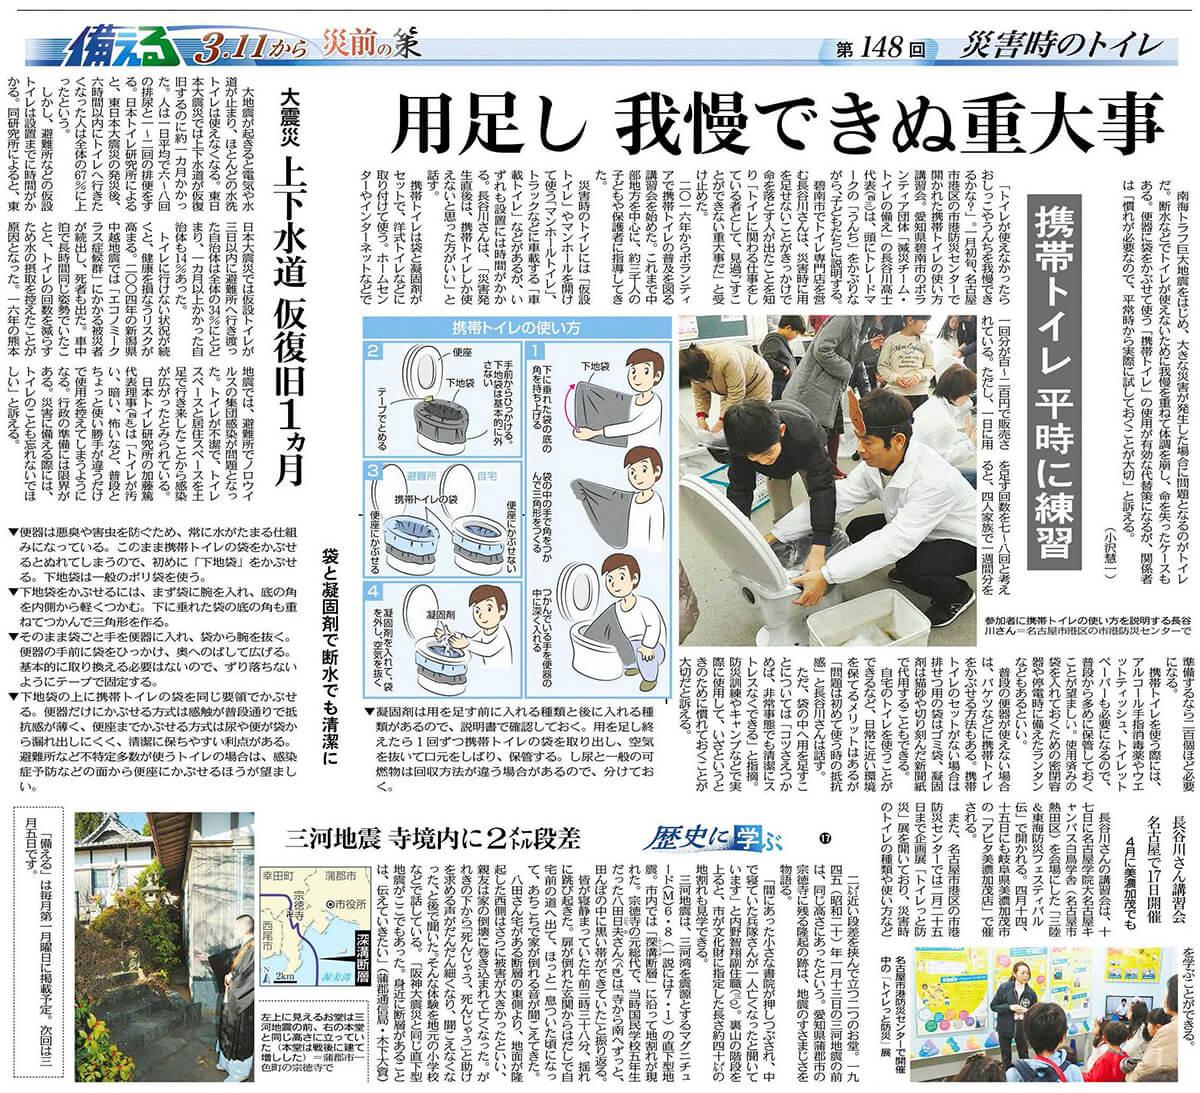 中日新聞「備える 3.11から 災前の策」